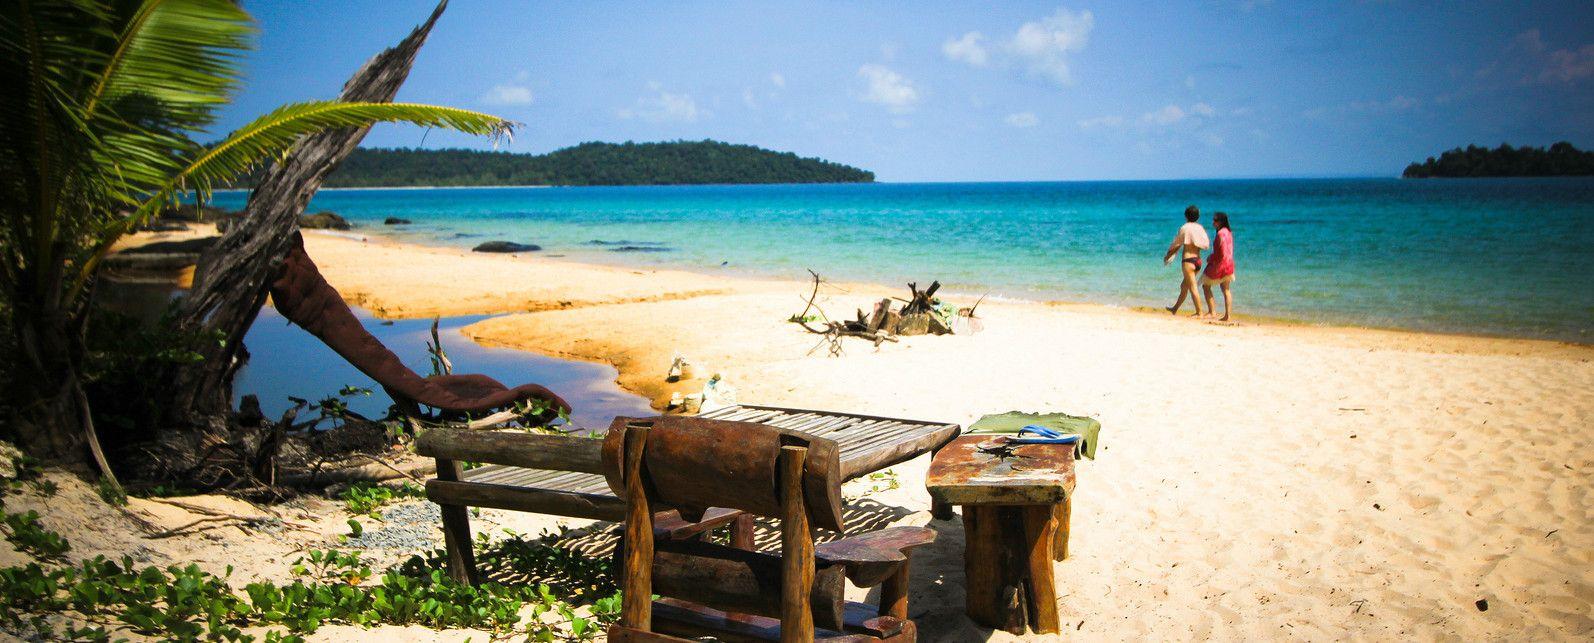 01. Острів Кох Ронг, Камбоджа